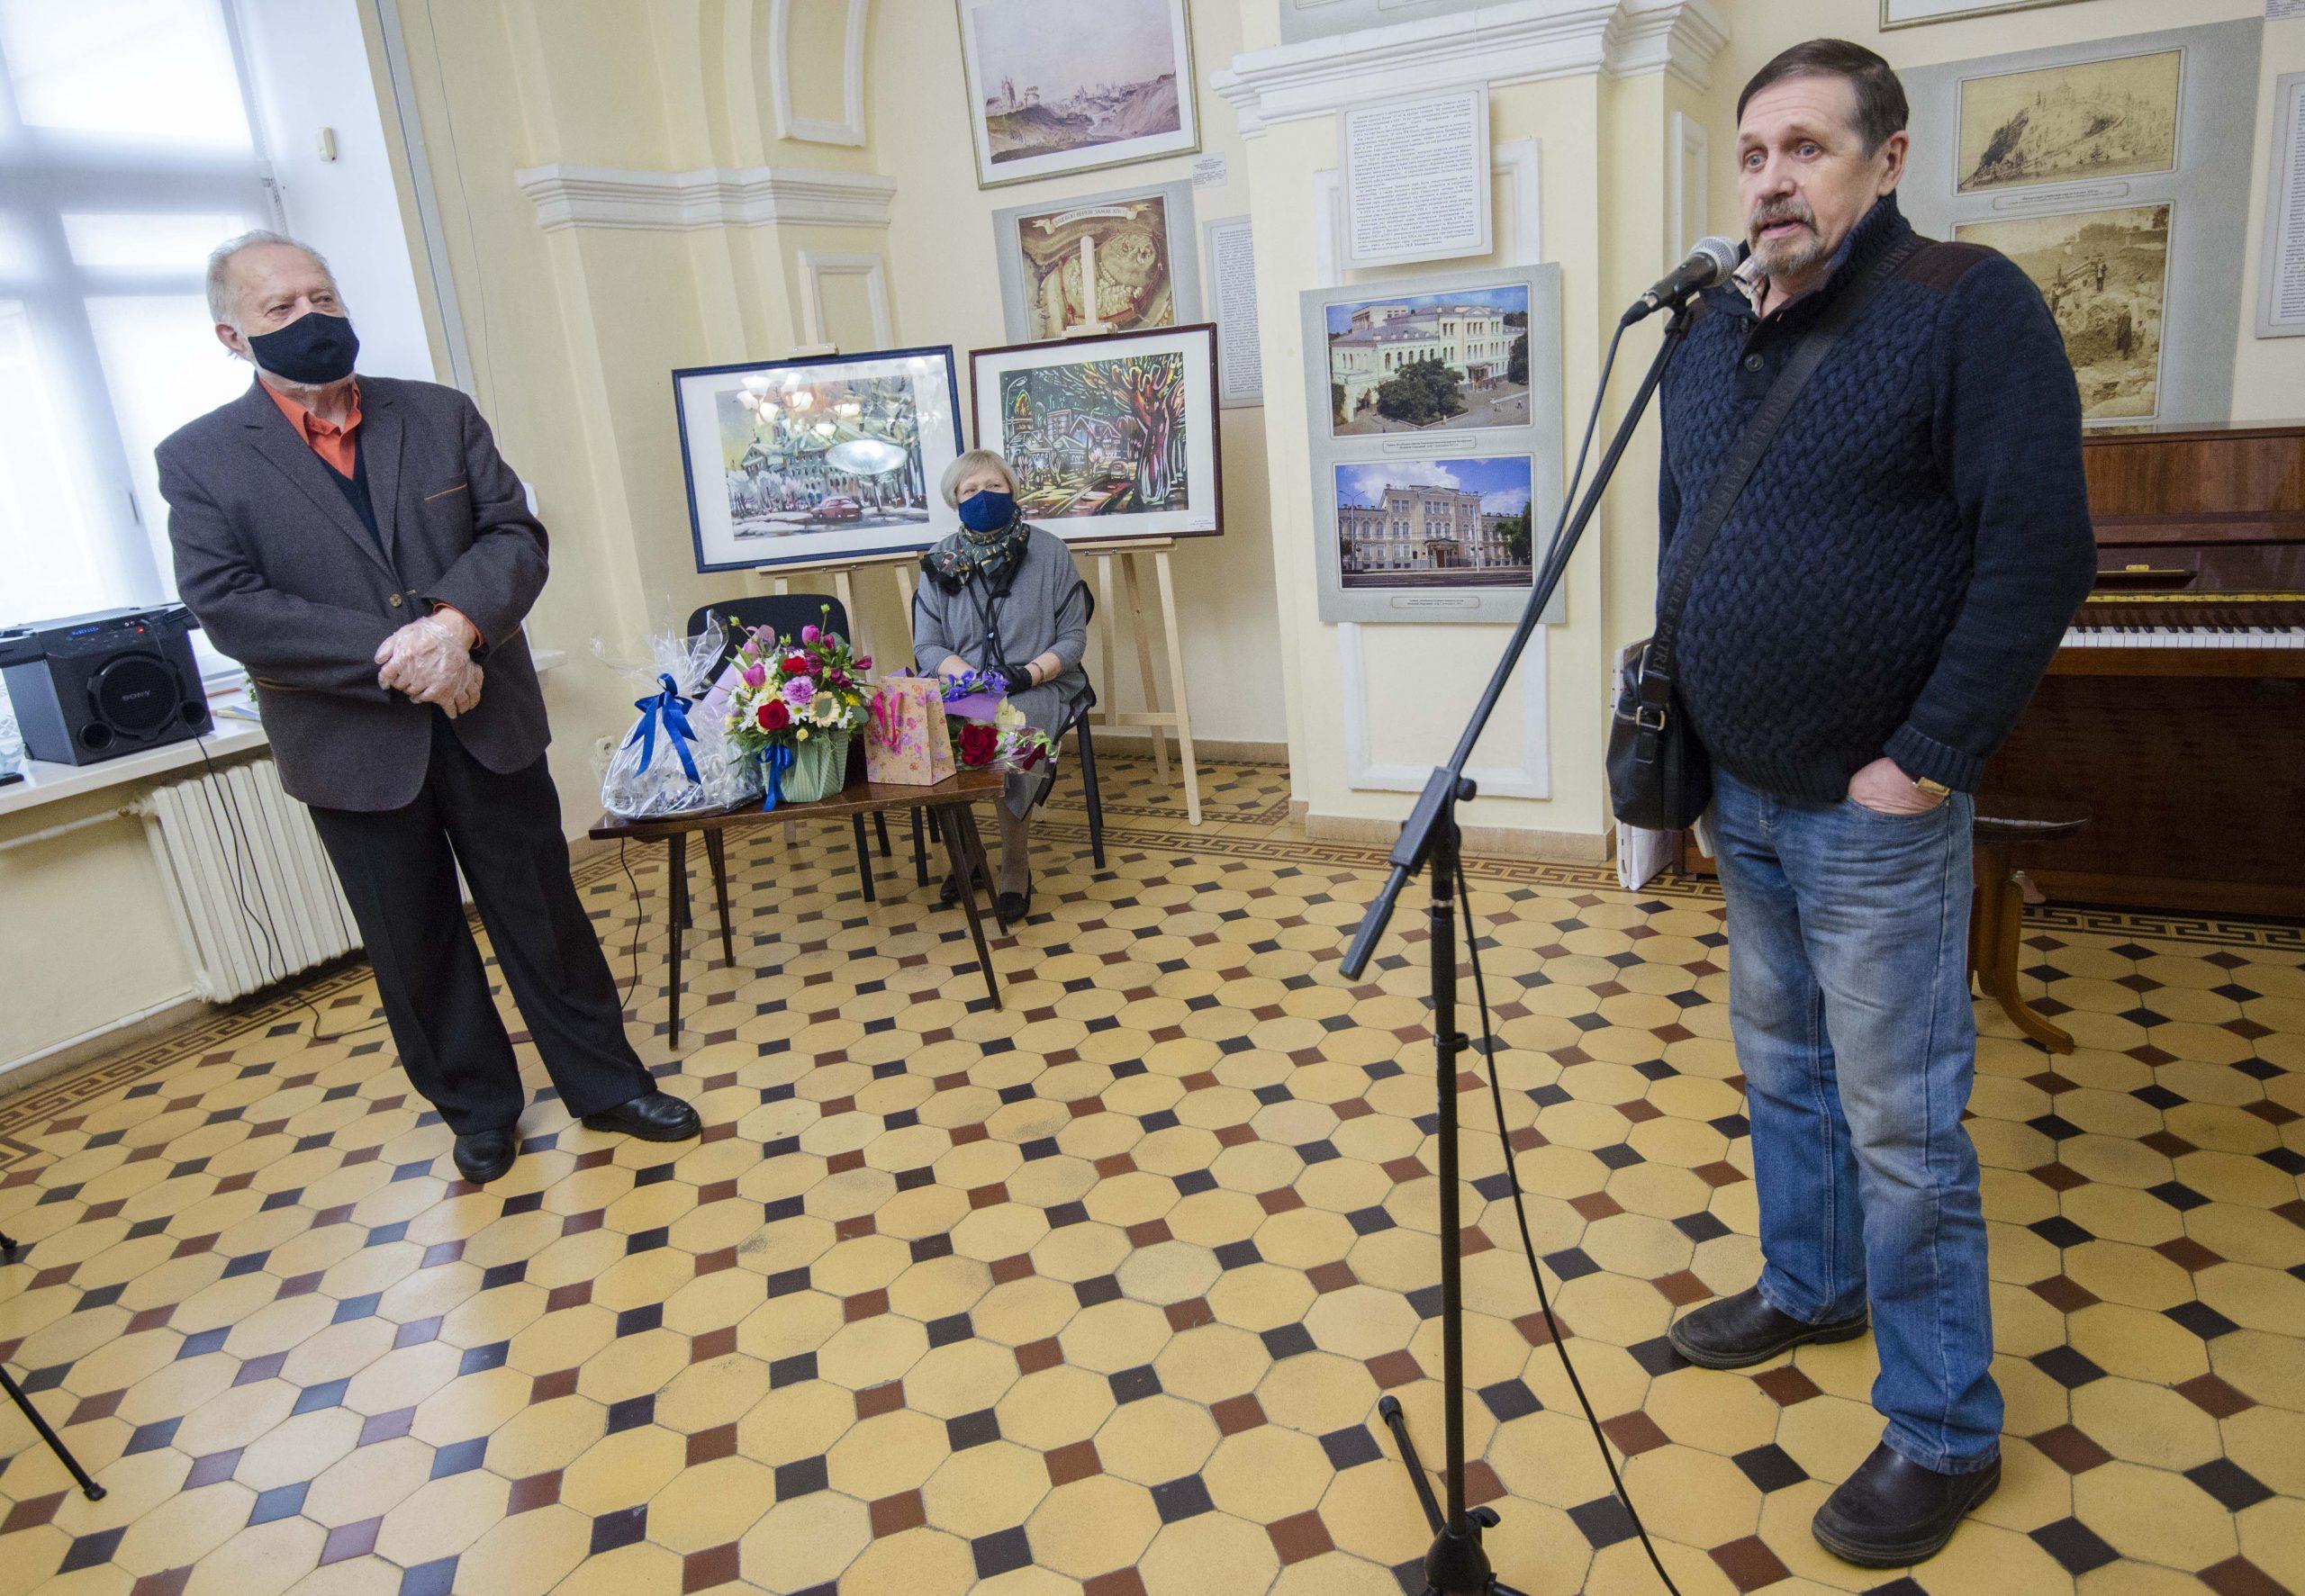 «Мой родны кут» — выстаўка Фелікса Гумена, прысвечаная 80-годдзю мастака